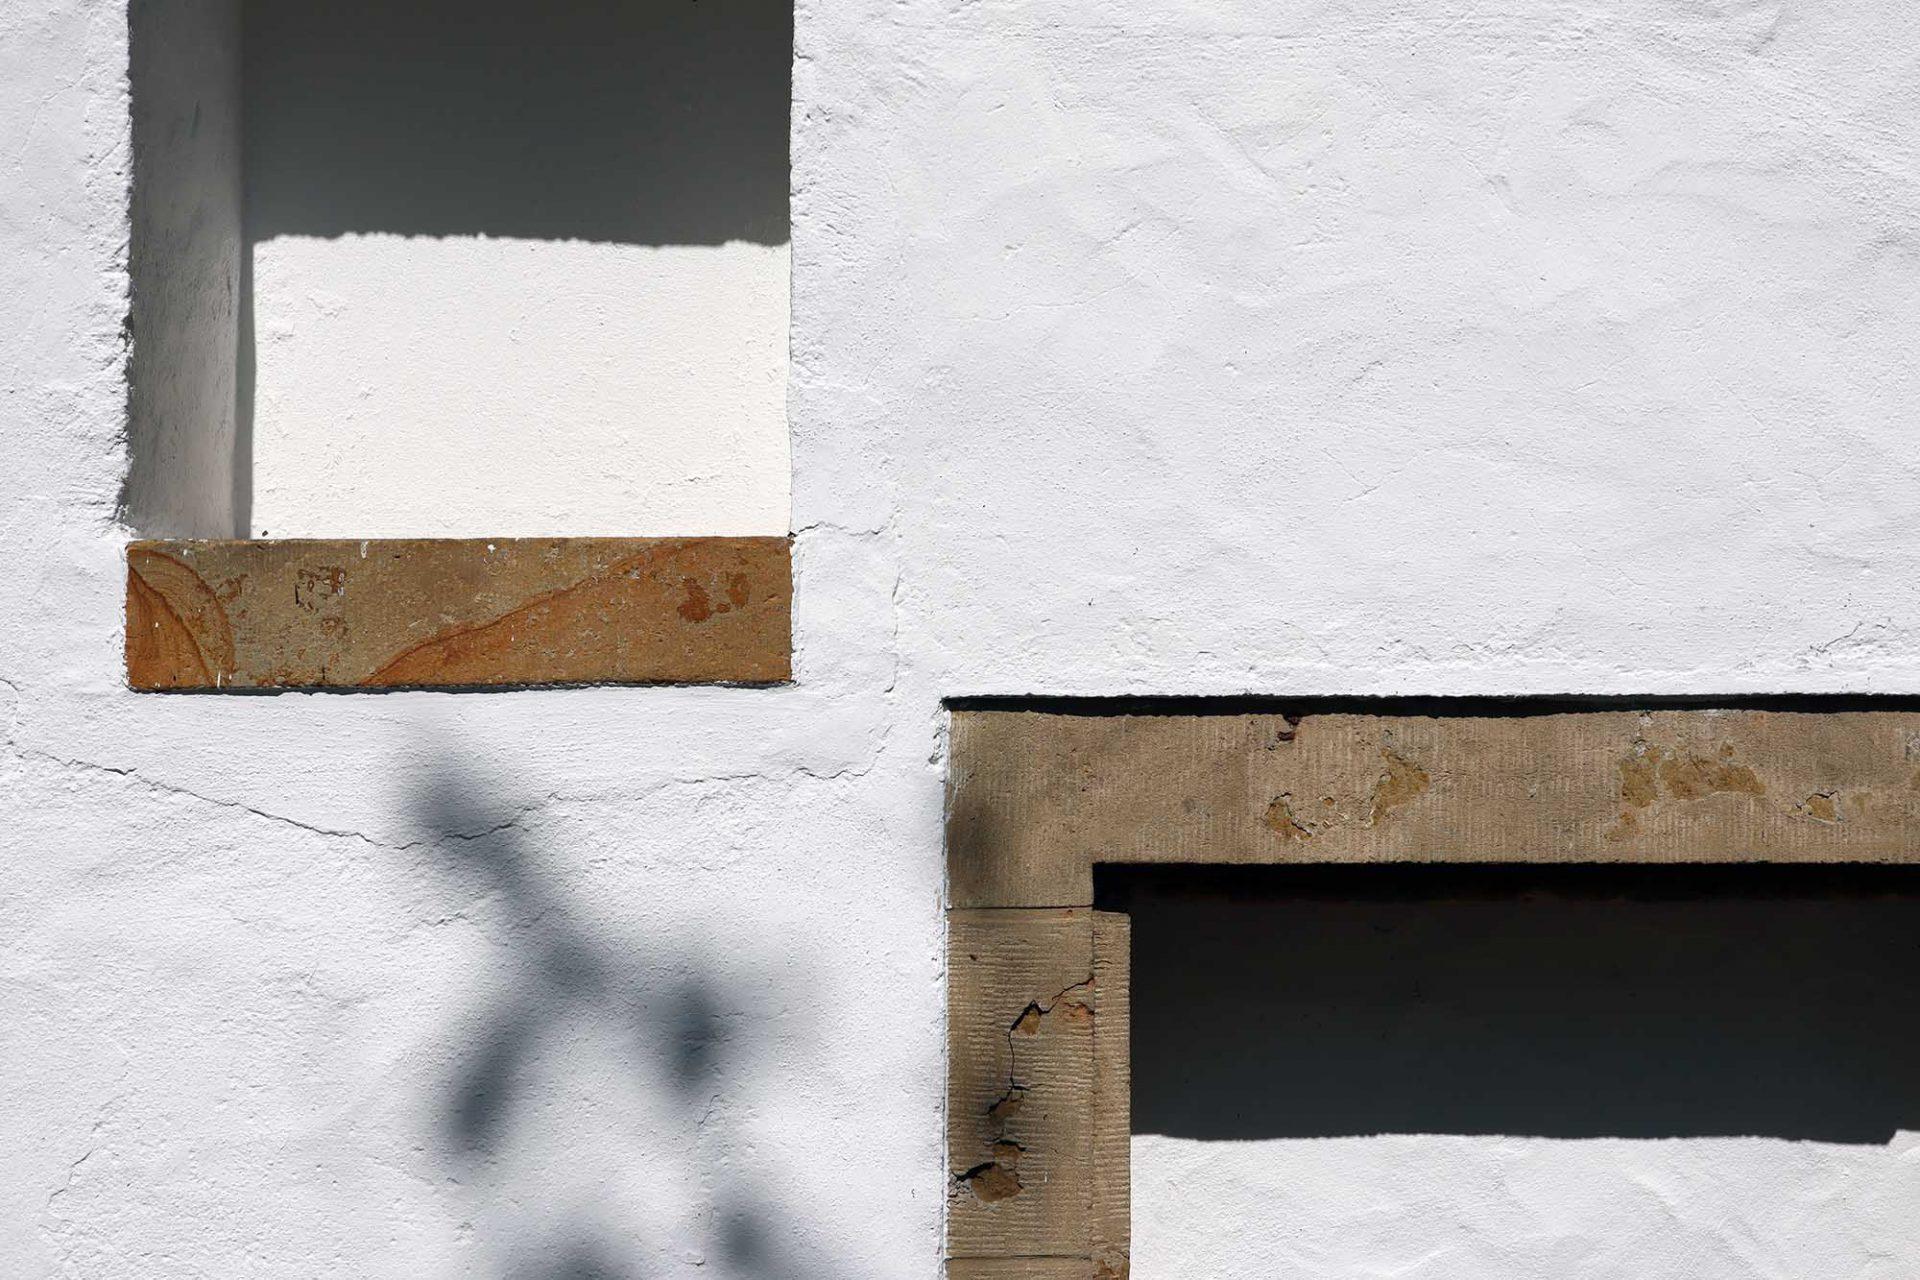 Bielefelder Kunstverein. Die schlichte Fassade besteht aus Putzflächen und Sandsteinelementen ...